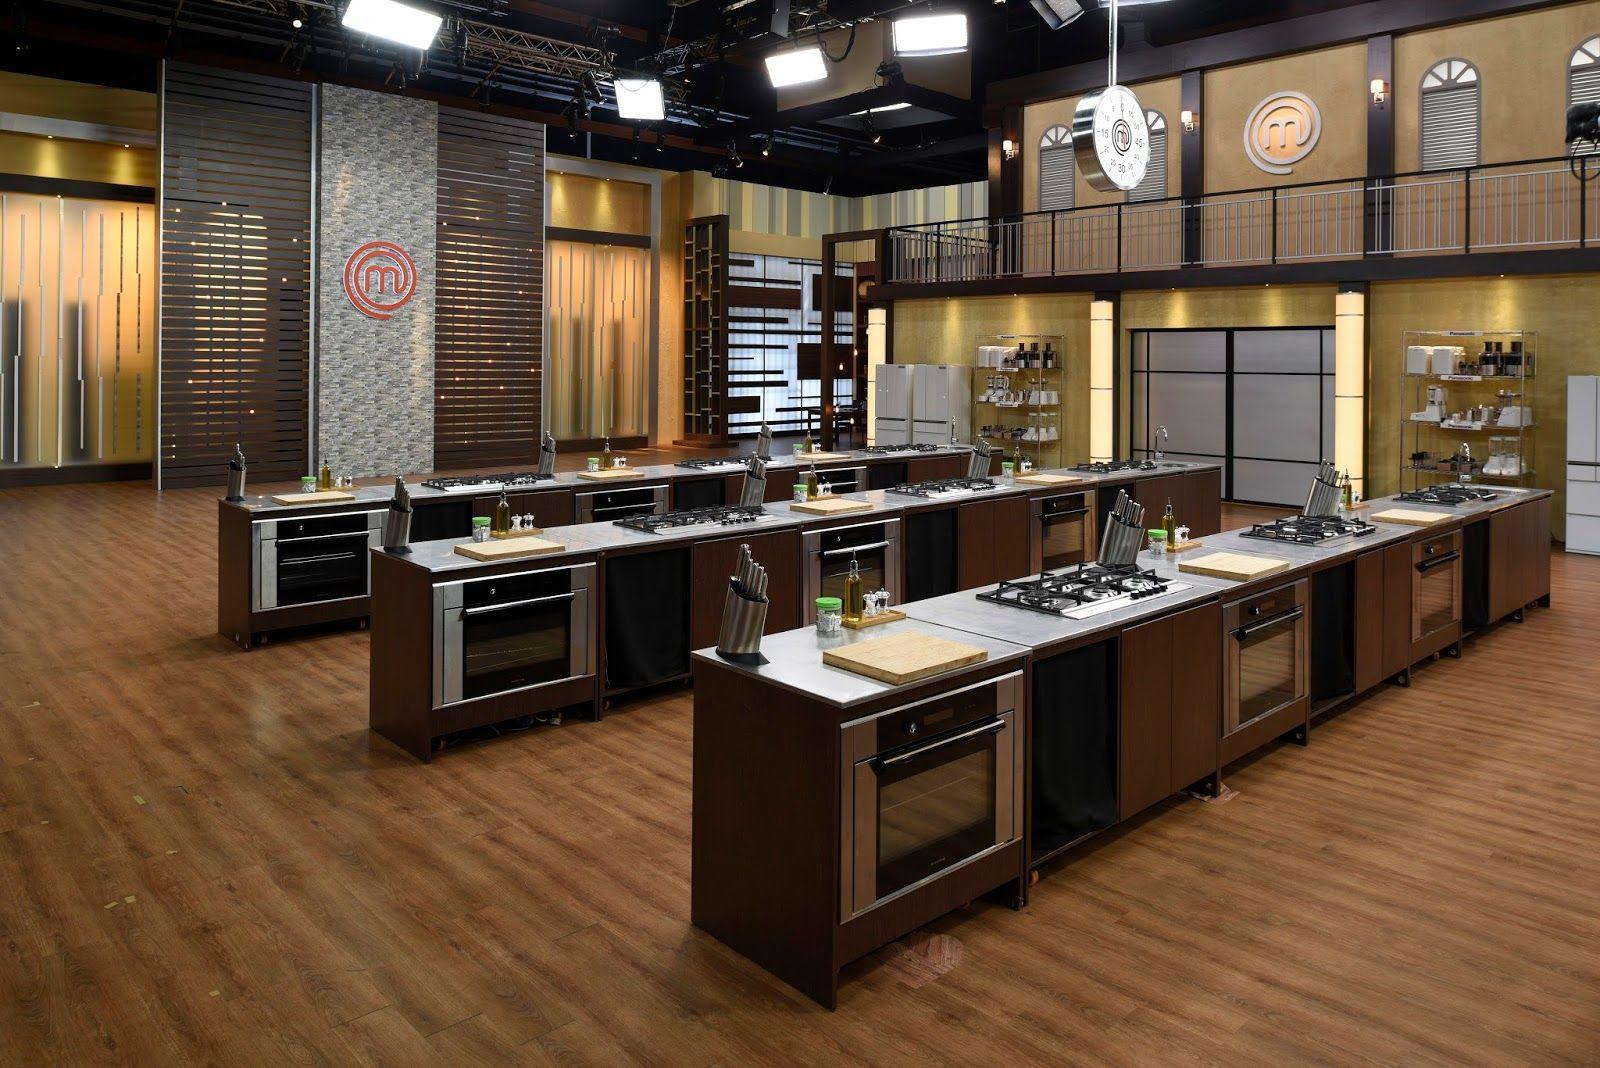 masterchef kitchen Google Search Kitchen, Kitchen layout